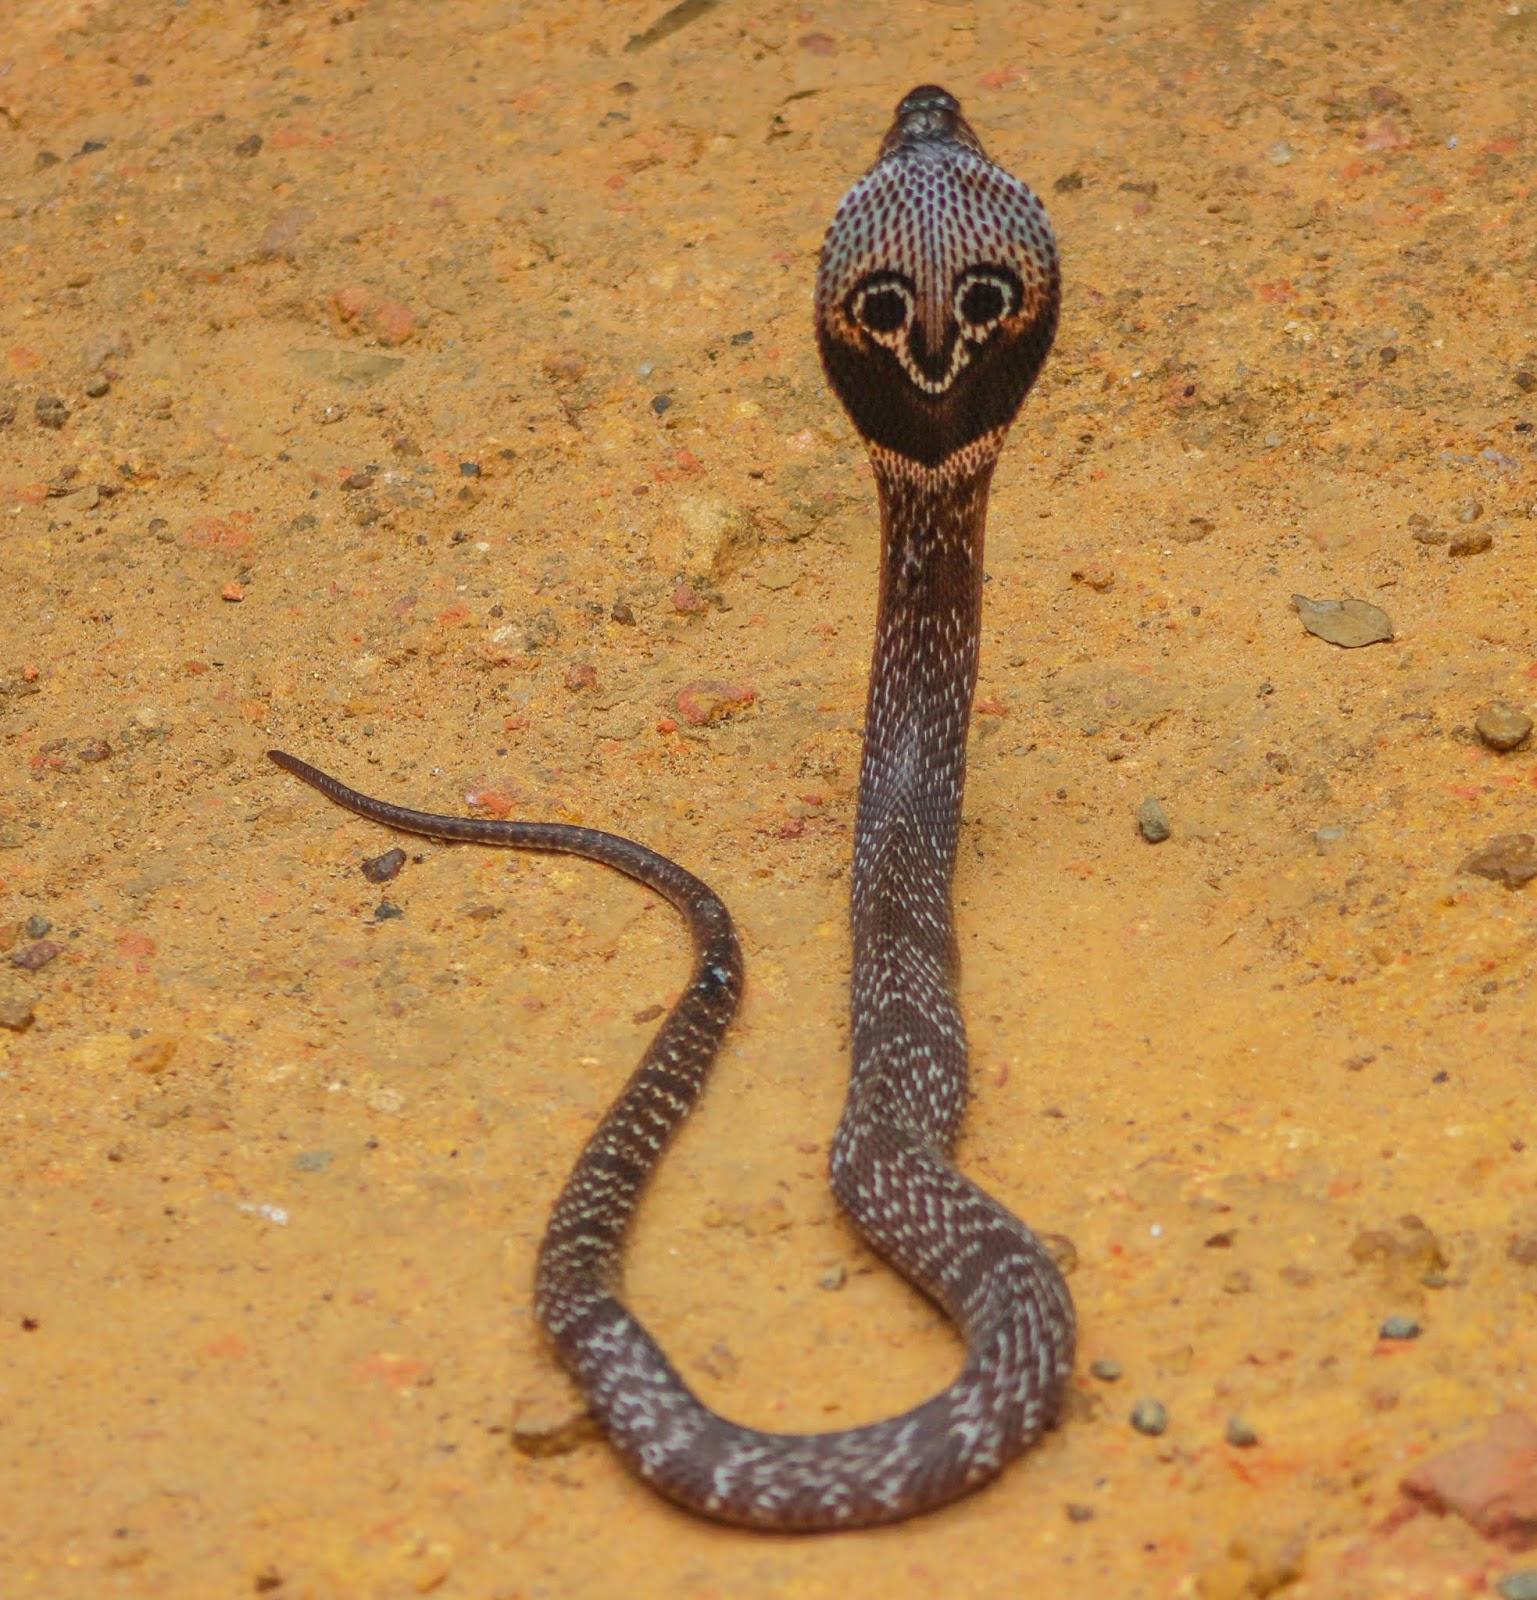 Для, смешные картинки очковая змея